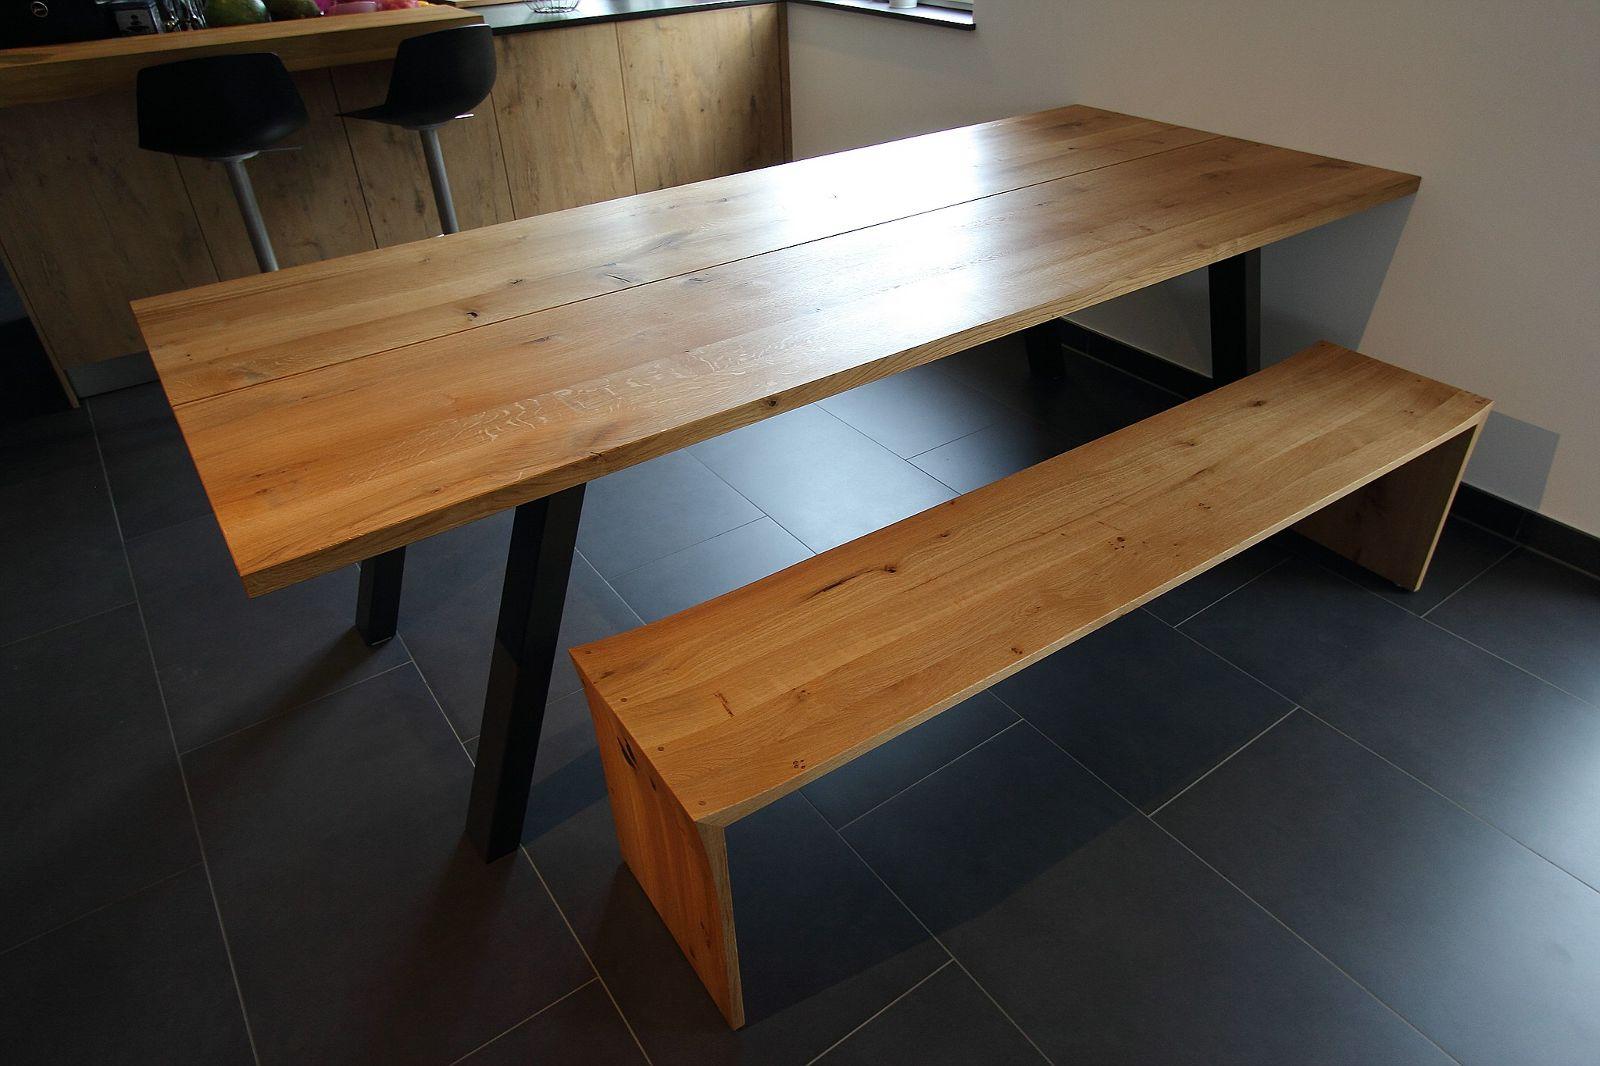 Matalia Möbel & Objekte - Tisch und Bank